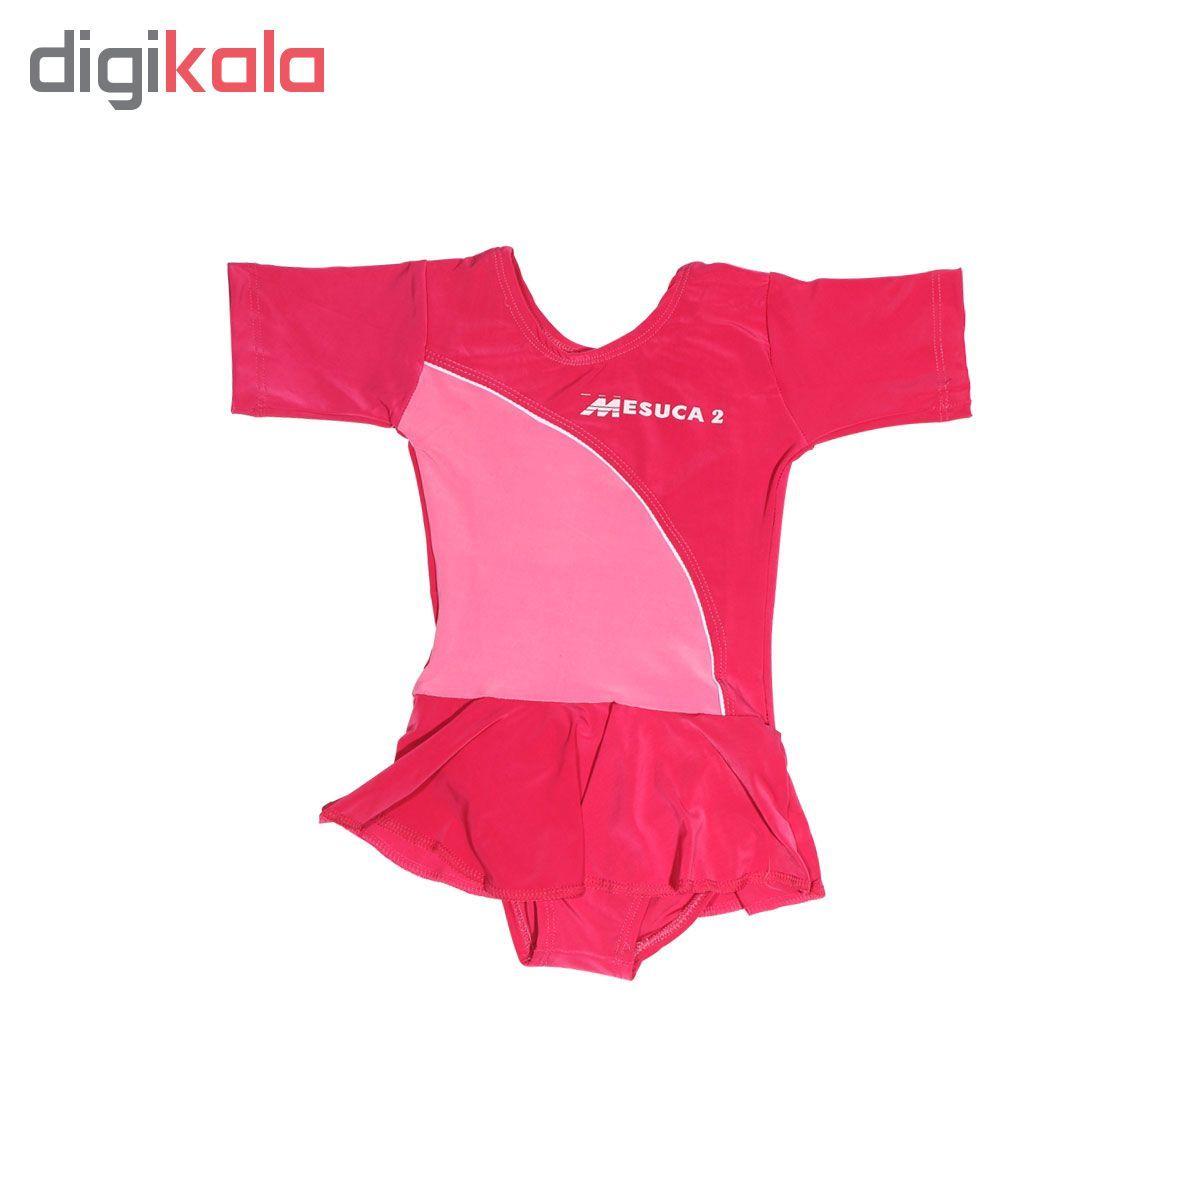 لباس ژیمناستیک دخترانه مدل Me2 main 1 2